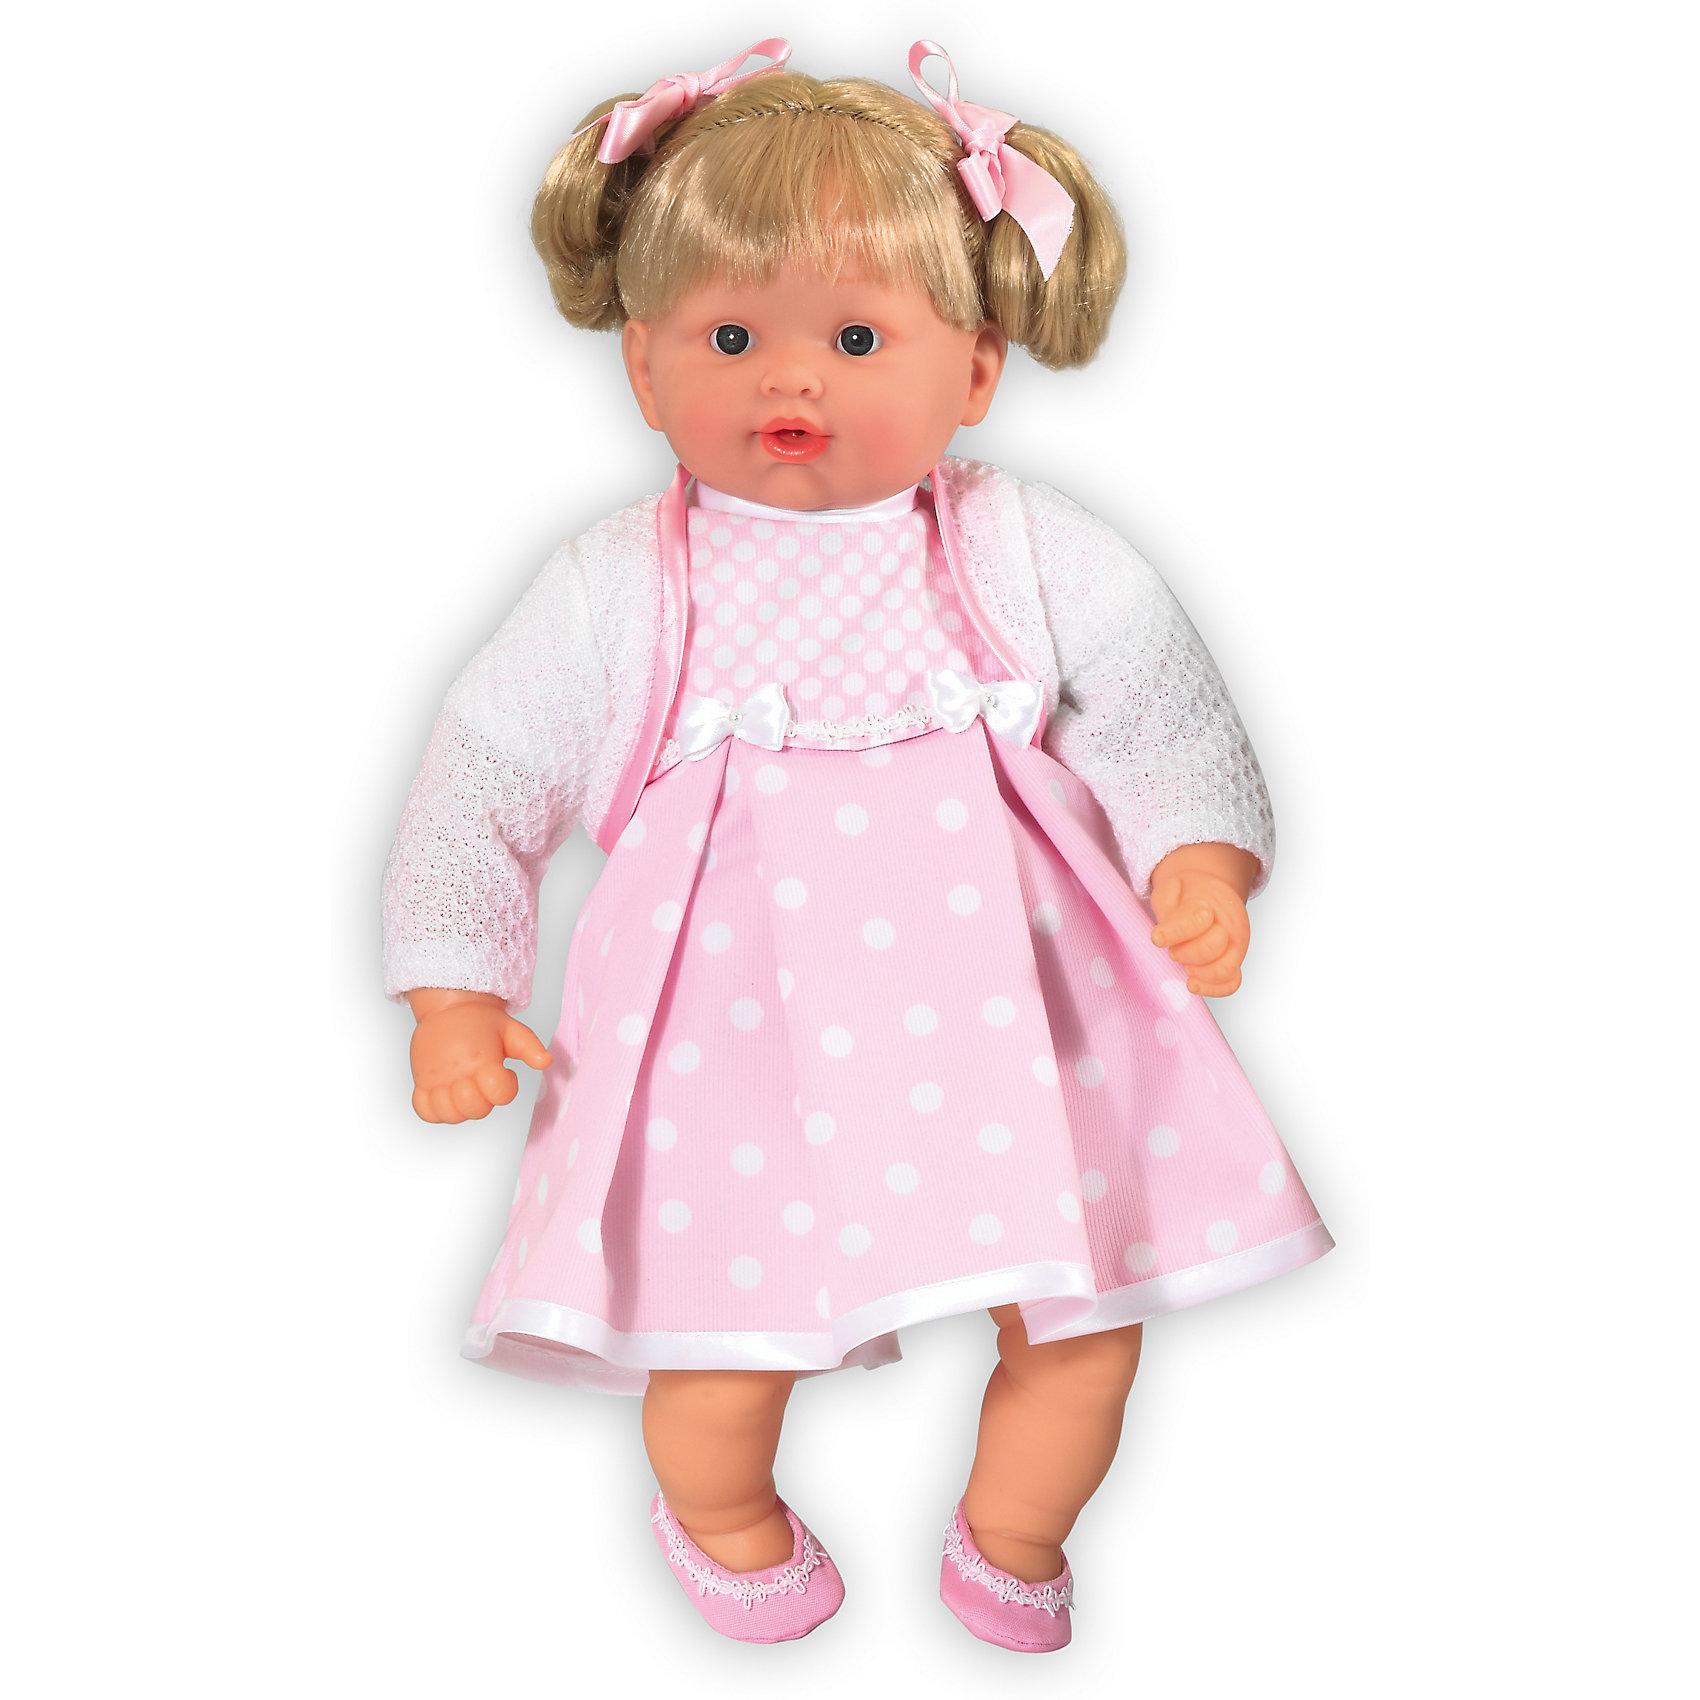 Кукла Baby Pink Девочка, Loko ToysКлассические куклы<br>Характеристики товара:<br><br>• возраст: от 10 месяцев;<br>• материал: пластик, текстиль, ПВХ;<br>• в комплекте: кукла, соска;<br>• высота куклы: 43 см;<br>• тип батареек: 3 батарейки LR44;<br>• наличие батареек: в комплекте;<br>• размер упаковки: 44х33х12,5 см;<br>• вес упаковки: 940 гр.;<br>• страна производитель: Китай.<br><br>Кукла-девочка «Baby Pink» Loko Toys одета в розовое платье в горошек и болеро. Кукла умеет произносить звуки младенца и плакать. Если пупс заплакал, заботливая девочка может дать ему соску, покачать на ручках и успокоить. Игра с куклой привьет девочке любовь, чувство ответственности, заботы и помощи окружающим. <br><br>Куклу-девочку «Baby Pink» Loko Toys можно приобрести в нашем интернет-магазине.<br><br>Ширина мм: 330<br>Глубина мм: 125<br>Высота мм: 440<br>Вес г: 940<br>Возраст от месяцев: 10<br>Возраст до месяцев: 2147483647<br>Пол: Женский<br>Возраст: Детский<br>SKU: 6759074